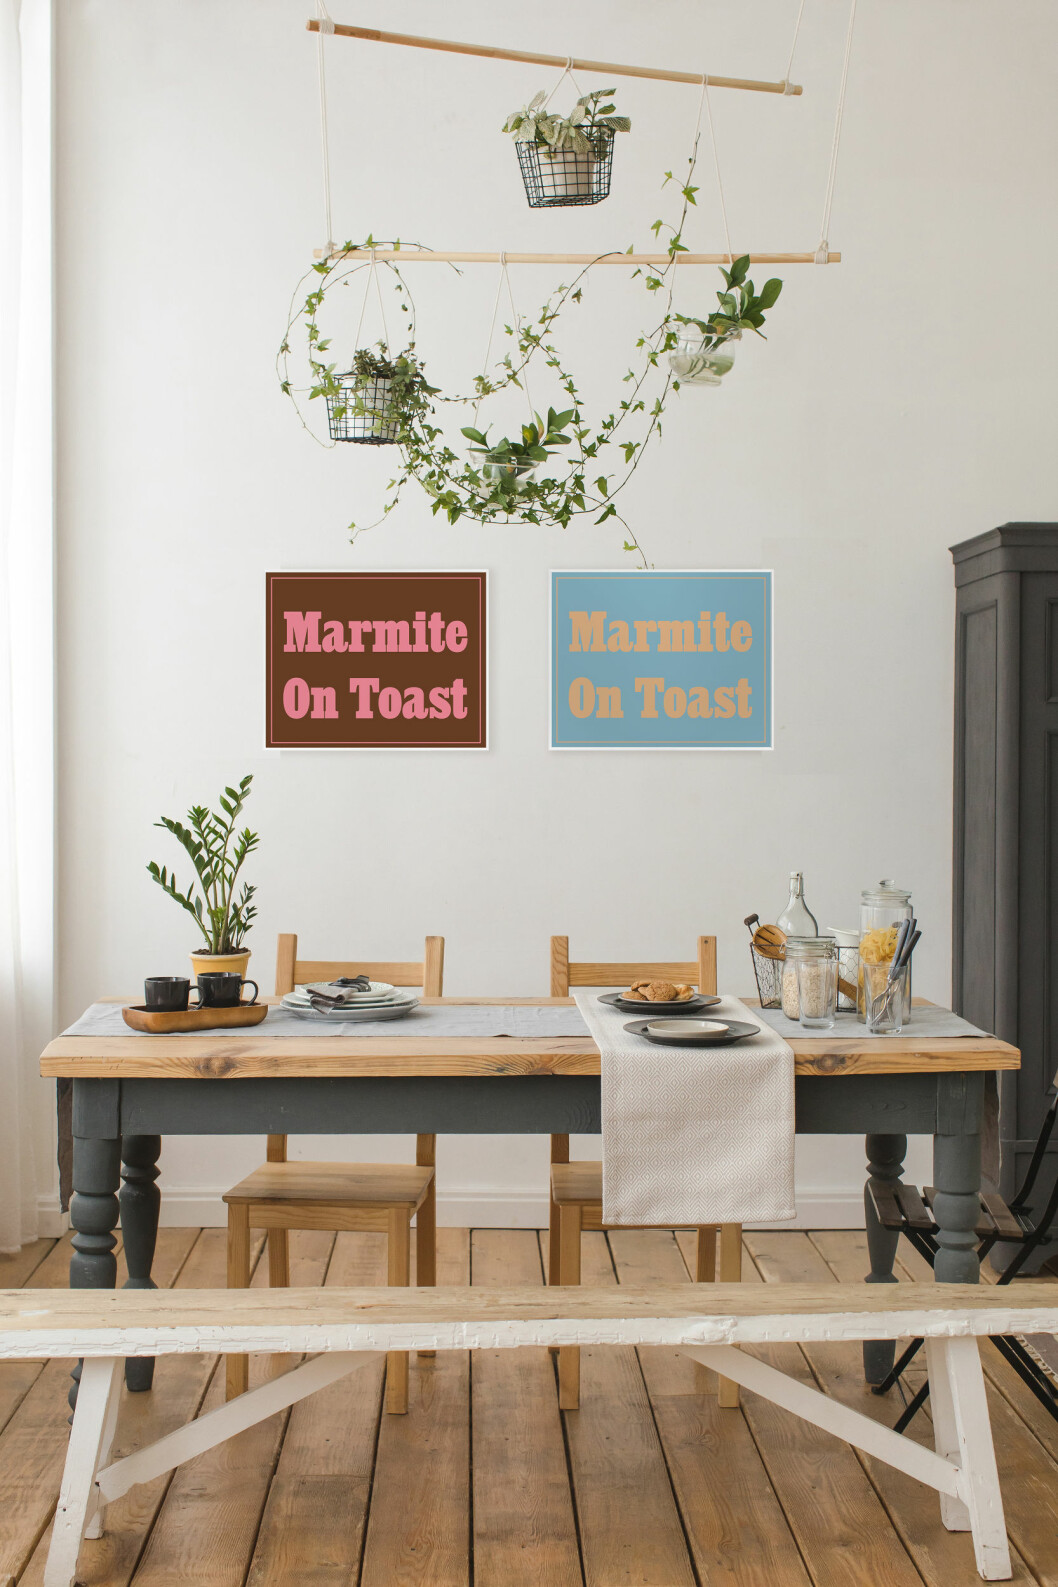 Konstverk, Marmite on Toast II och II, limiterad upplaga om 25, av Jeremy Deller, 70x50 cm, pris utan ram 3 200 kr, pris med ram 4 399 kr, Absolut Art. Foto: Demkat